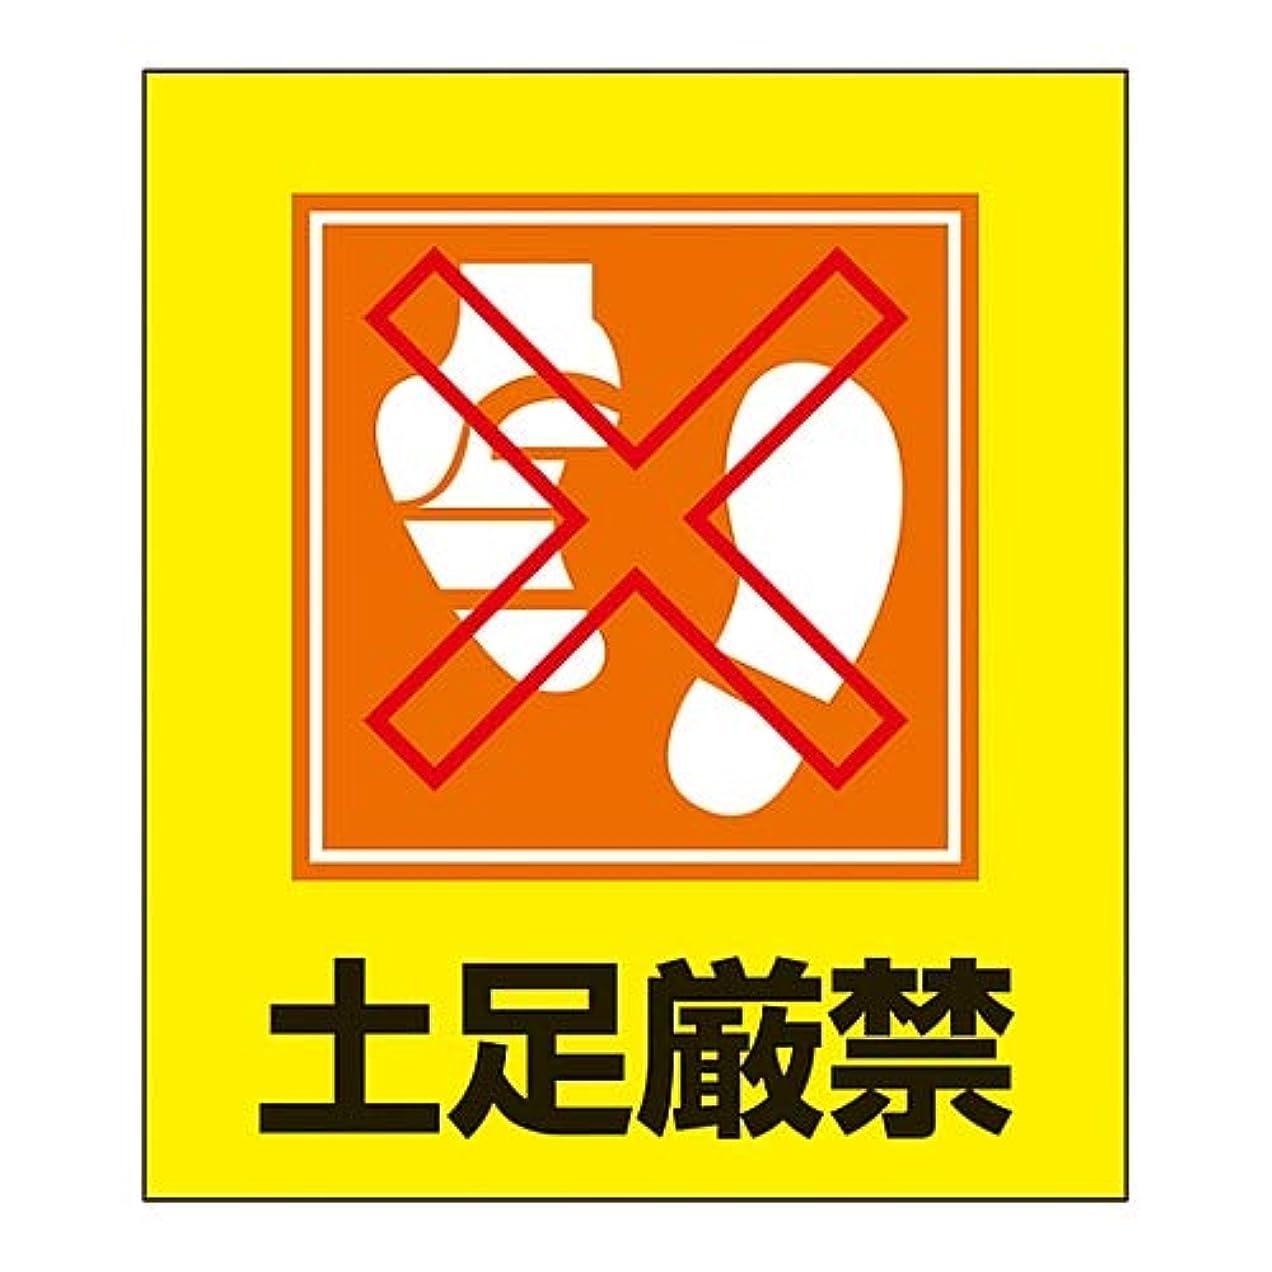 釈義劇場シガレット外国語ステッカー GK-25(土足厳禁)/61-3413-26